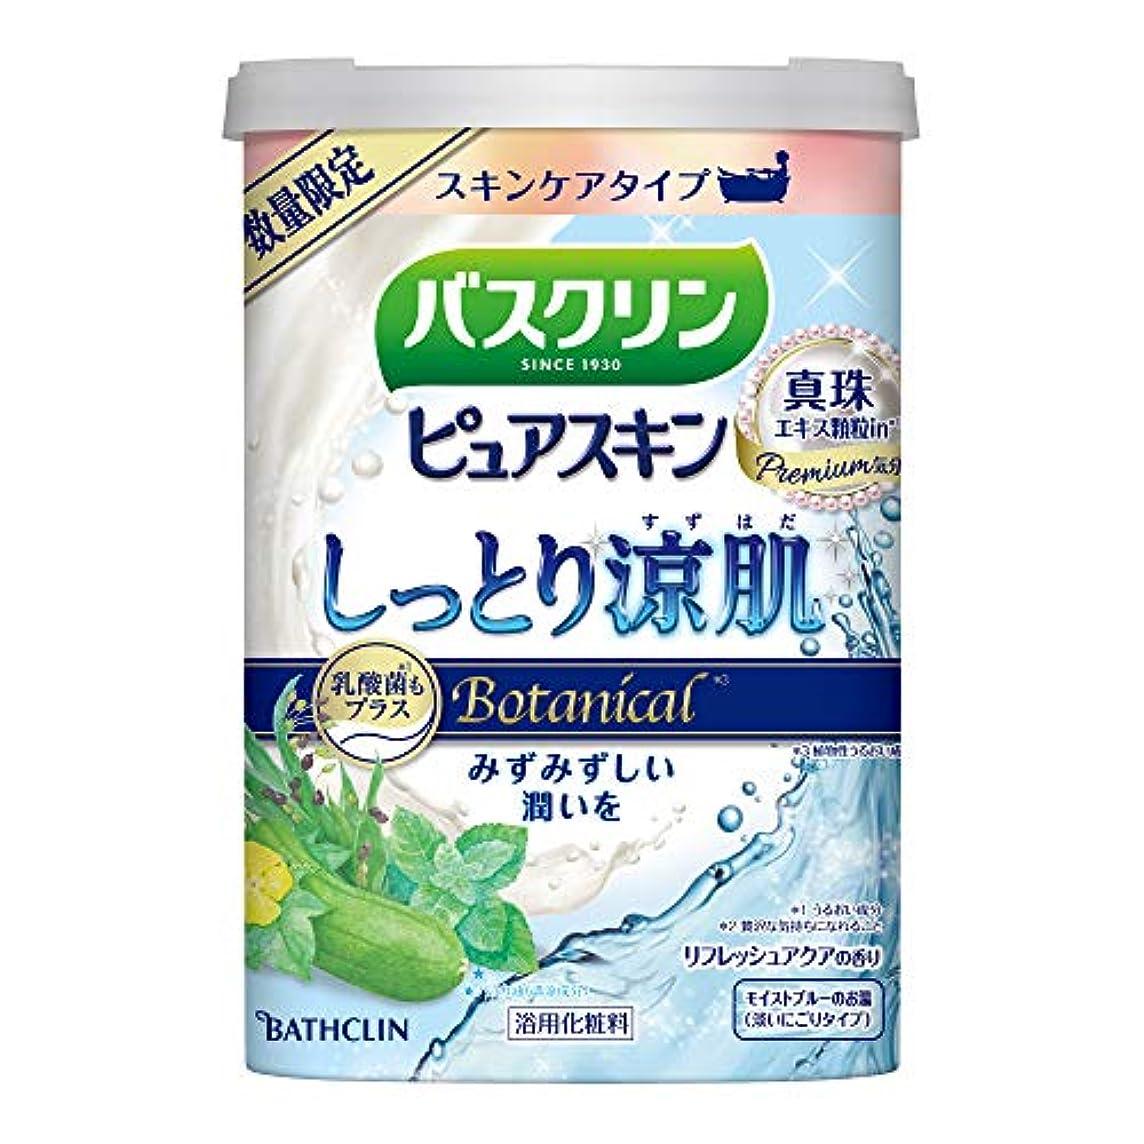 機会歪めるピーク【数量限定品】バスクリンピュアスキン入浴剤 しっとり涼肌600g(約30回分) スキンケアにごりタイプ 保湿